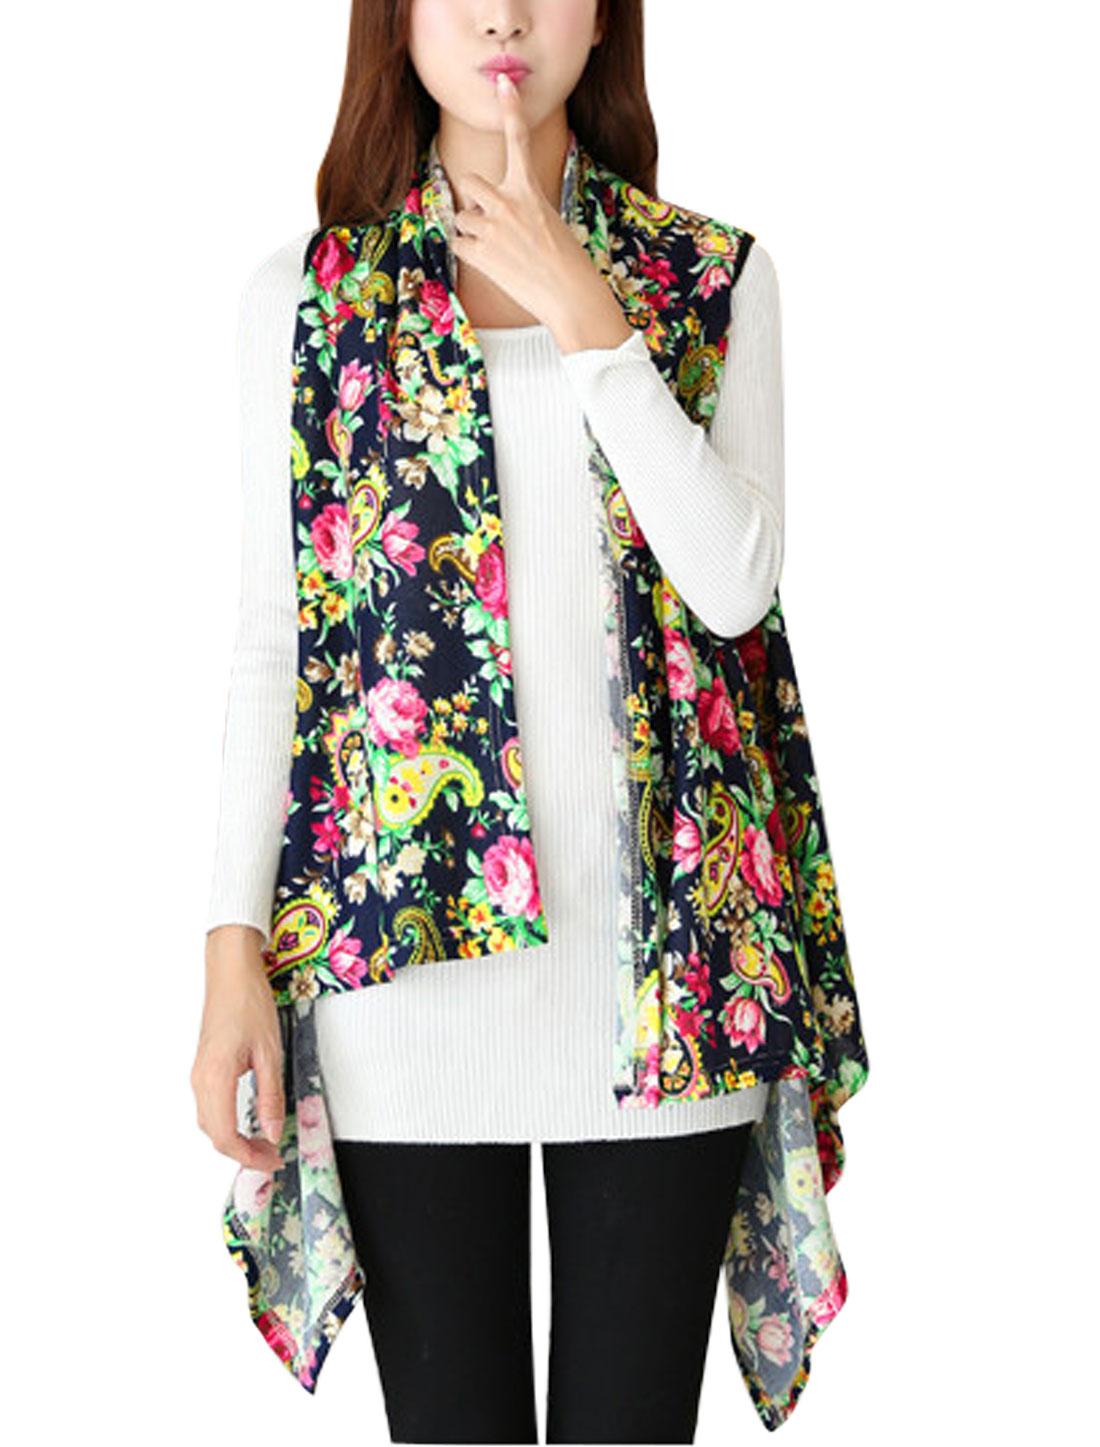 Ladies Multicolor Asymmetric Hem Floral Prints Front Opening Leisure Knit Vest XS